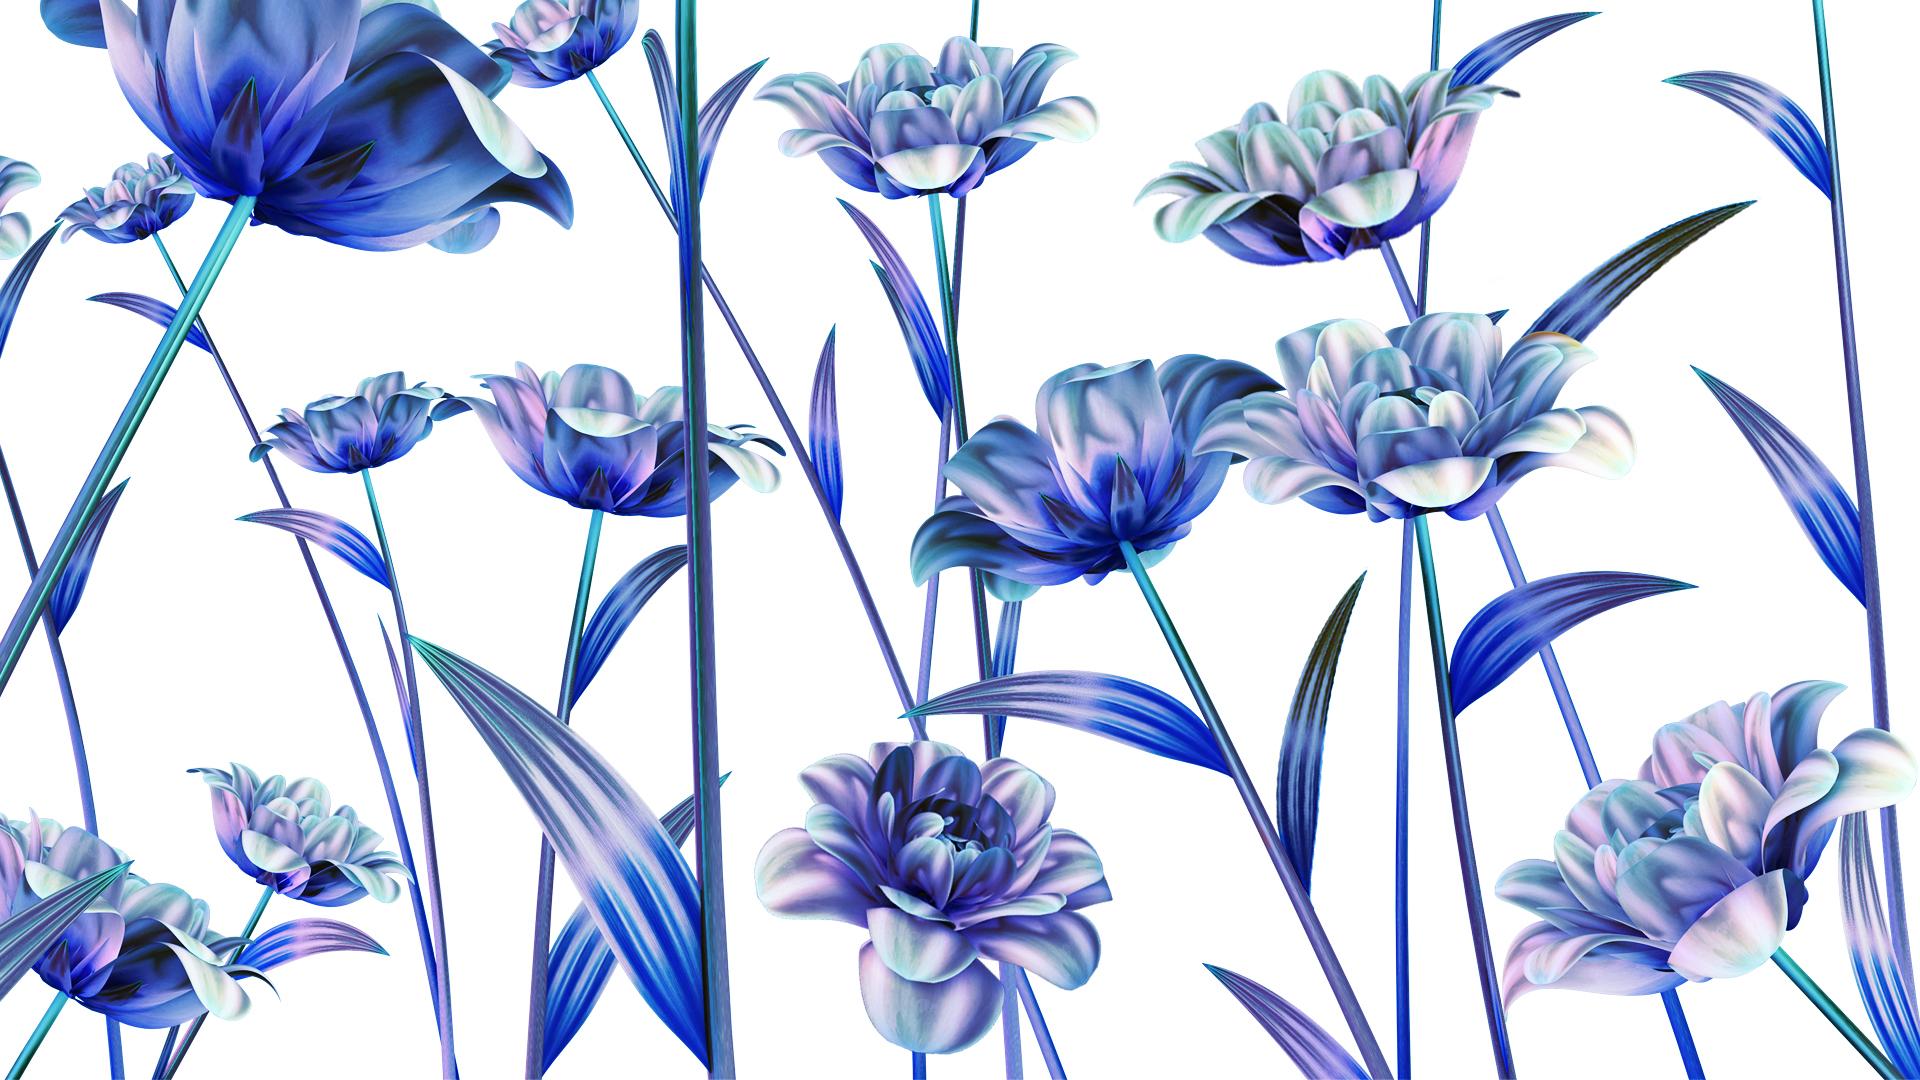 Blue Flowers by Sofia Pusa